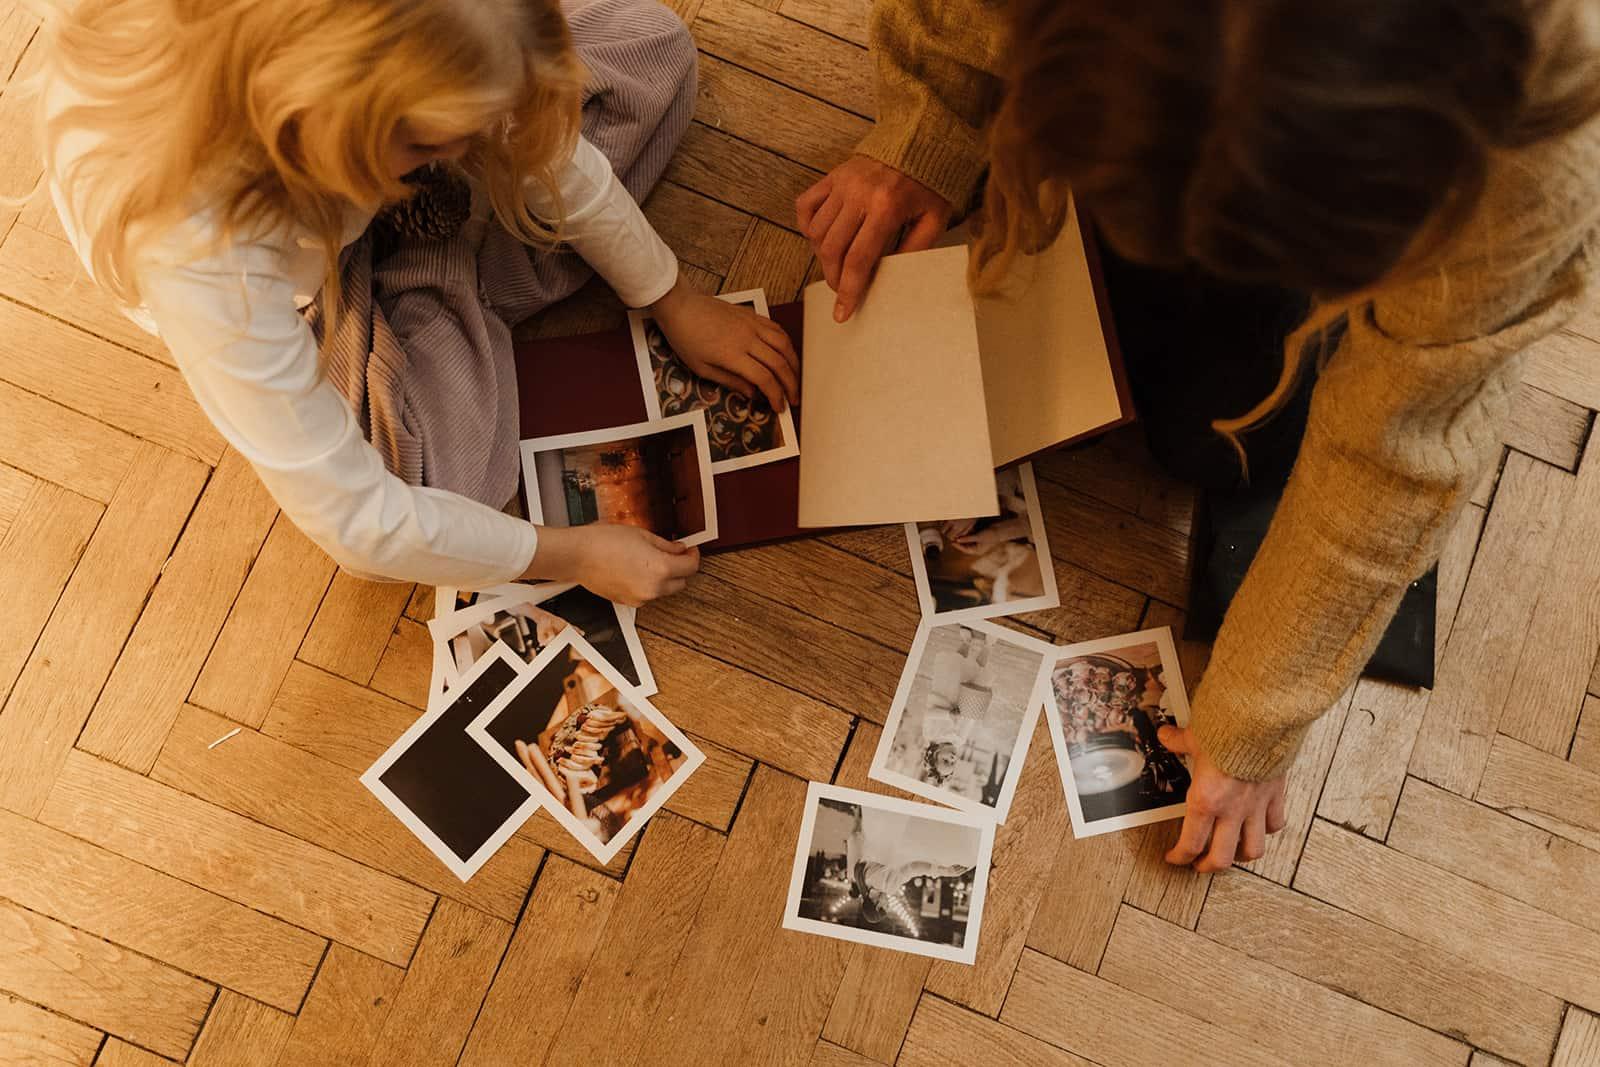 zwei Frauen, die alte Familienfotos betrachten, die auf dem Boden sitzen